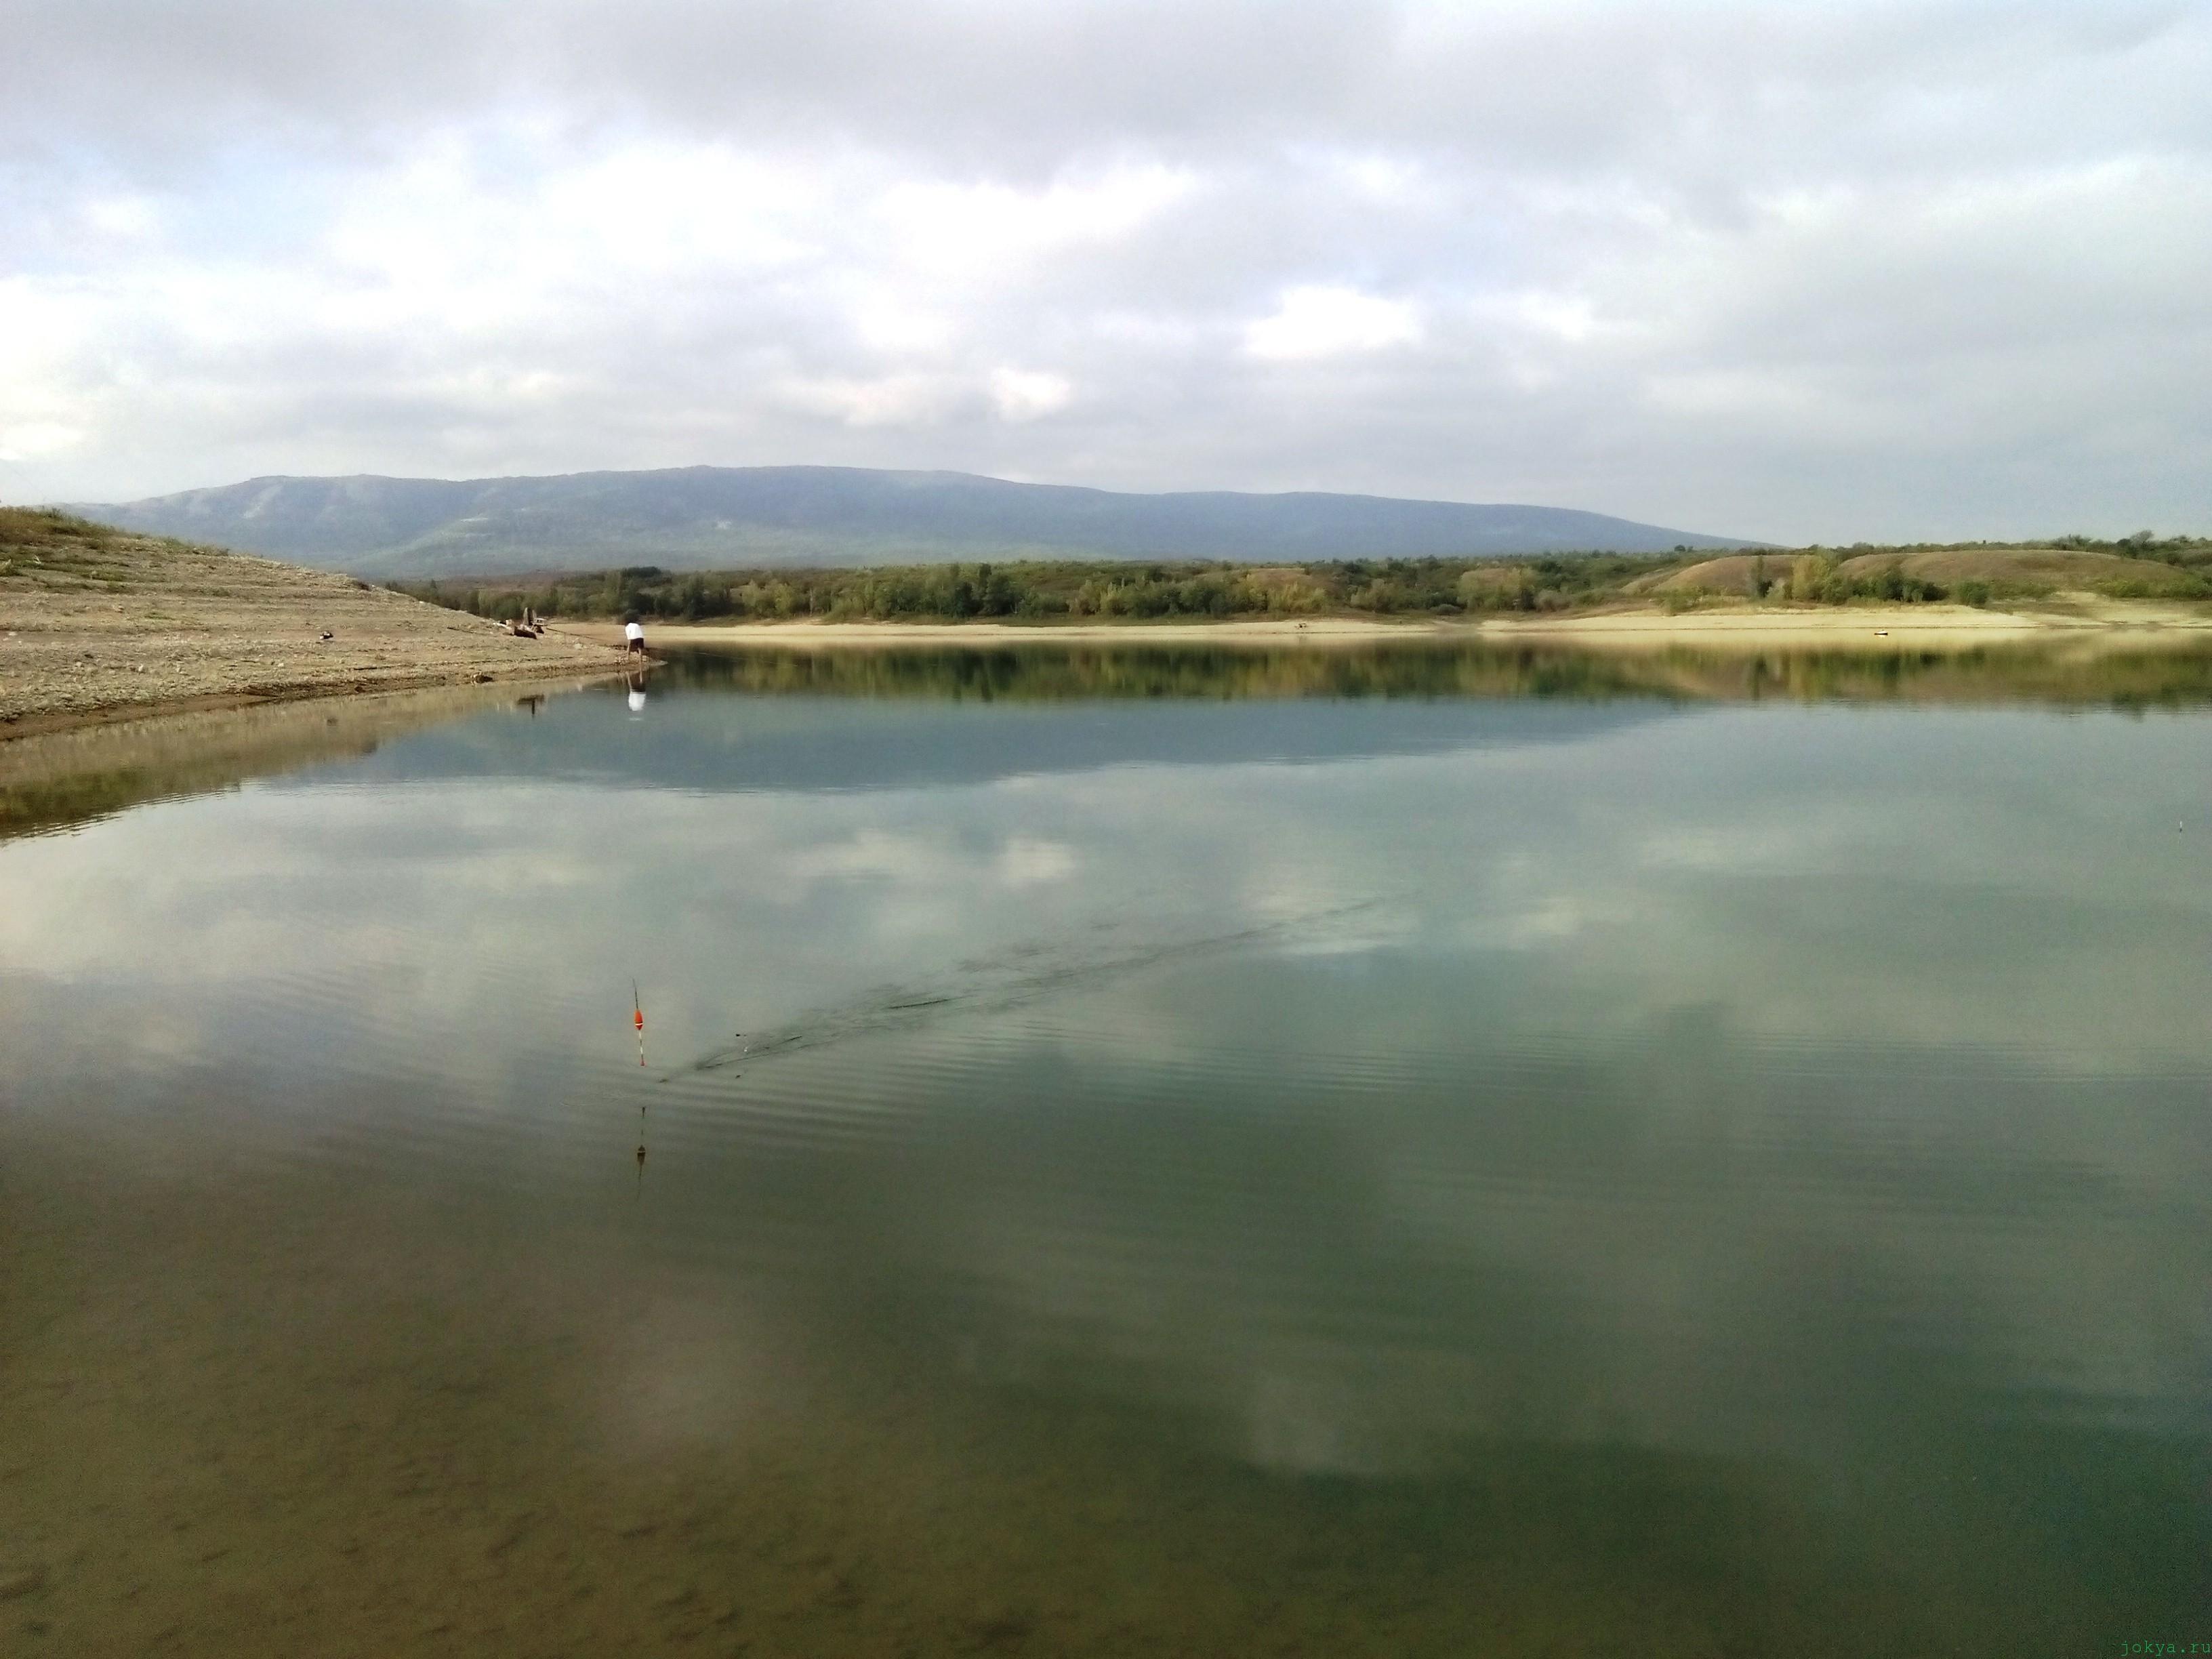 Белогорское водохранилище: состояния уровня воды фото заметка о Крыме jokya.ru